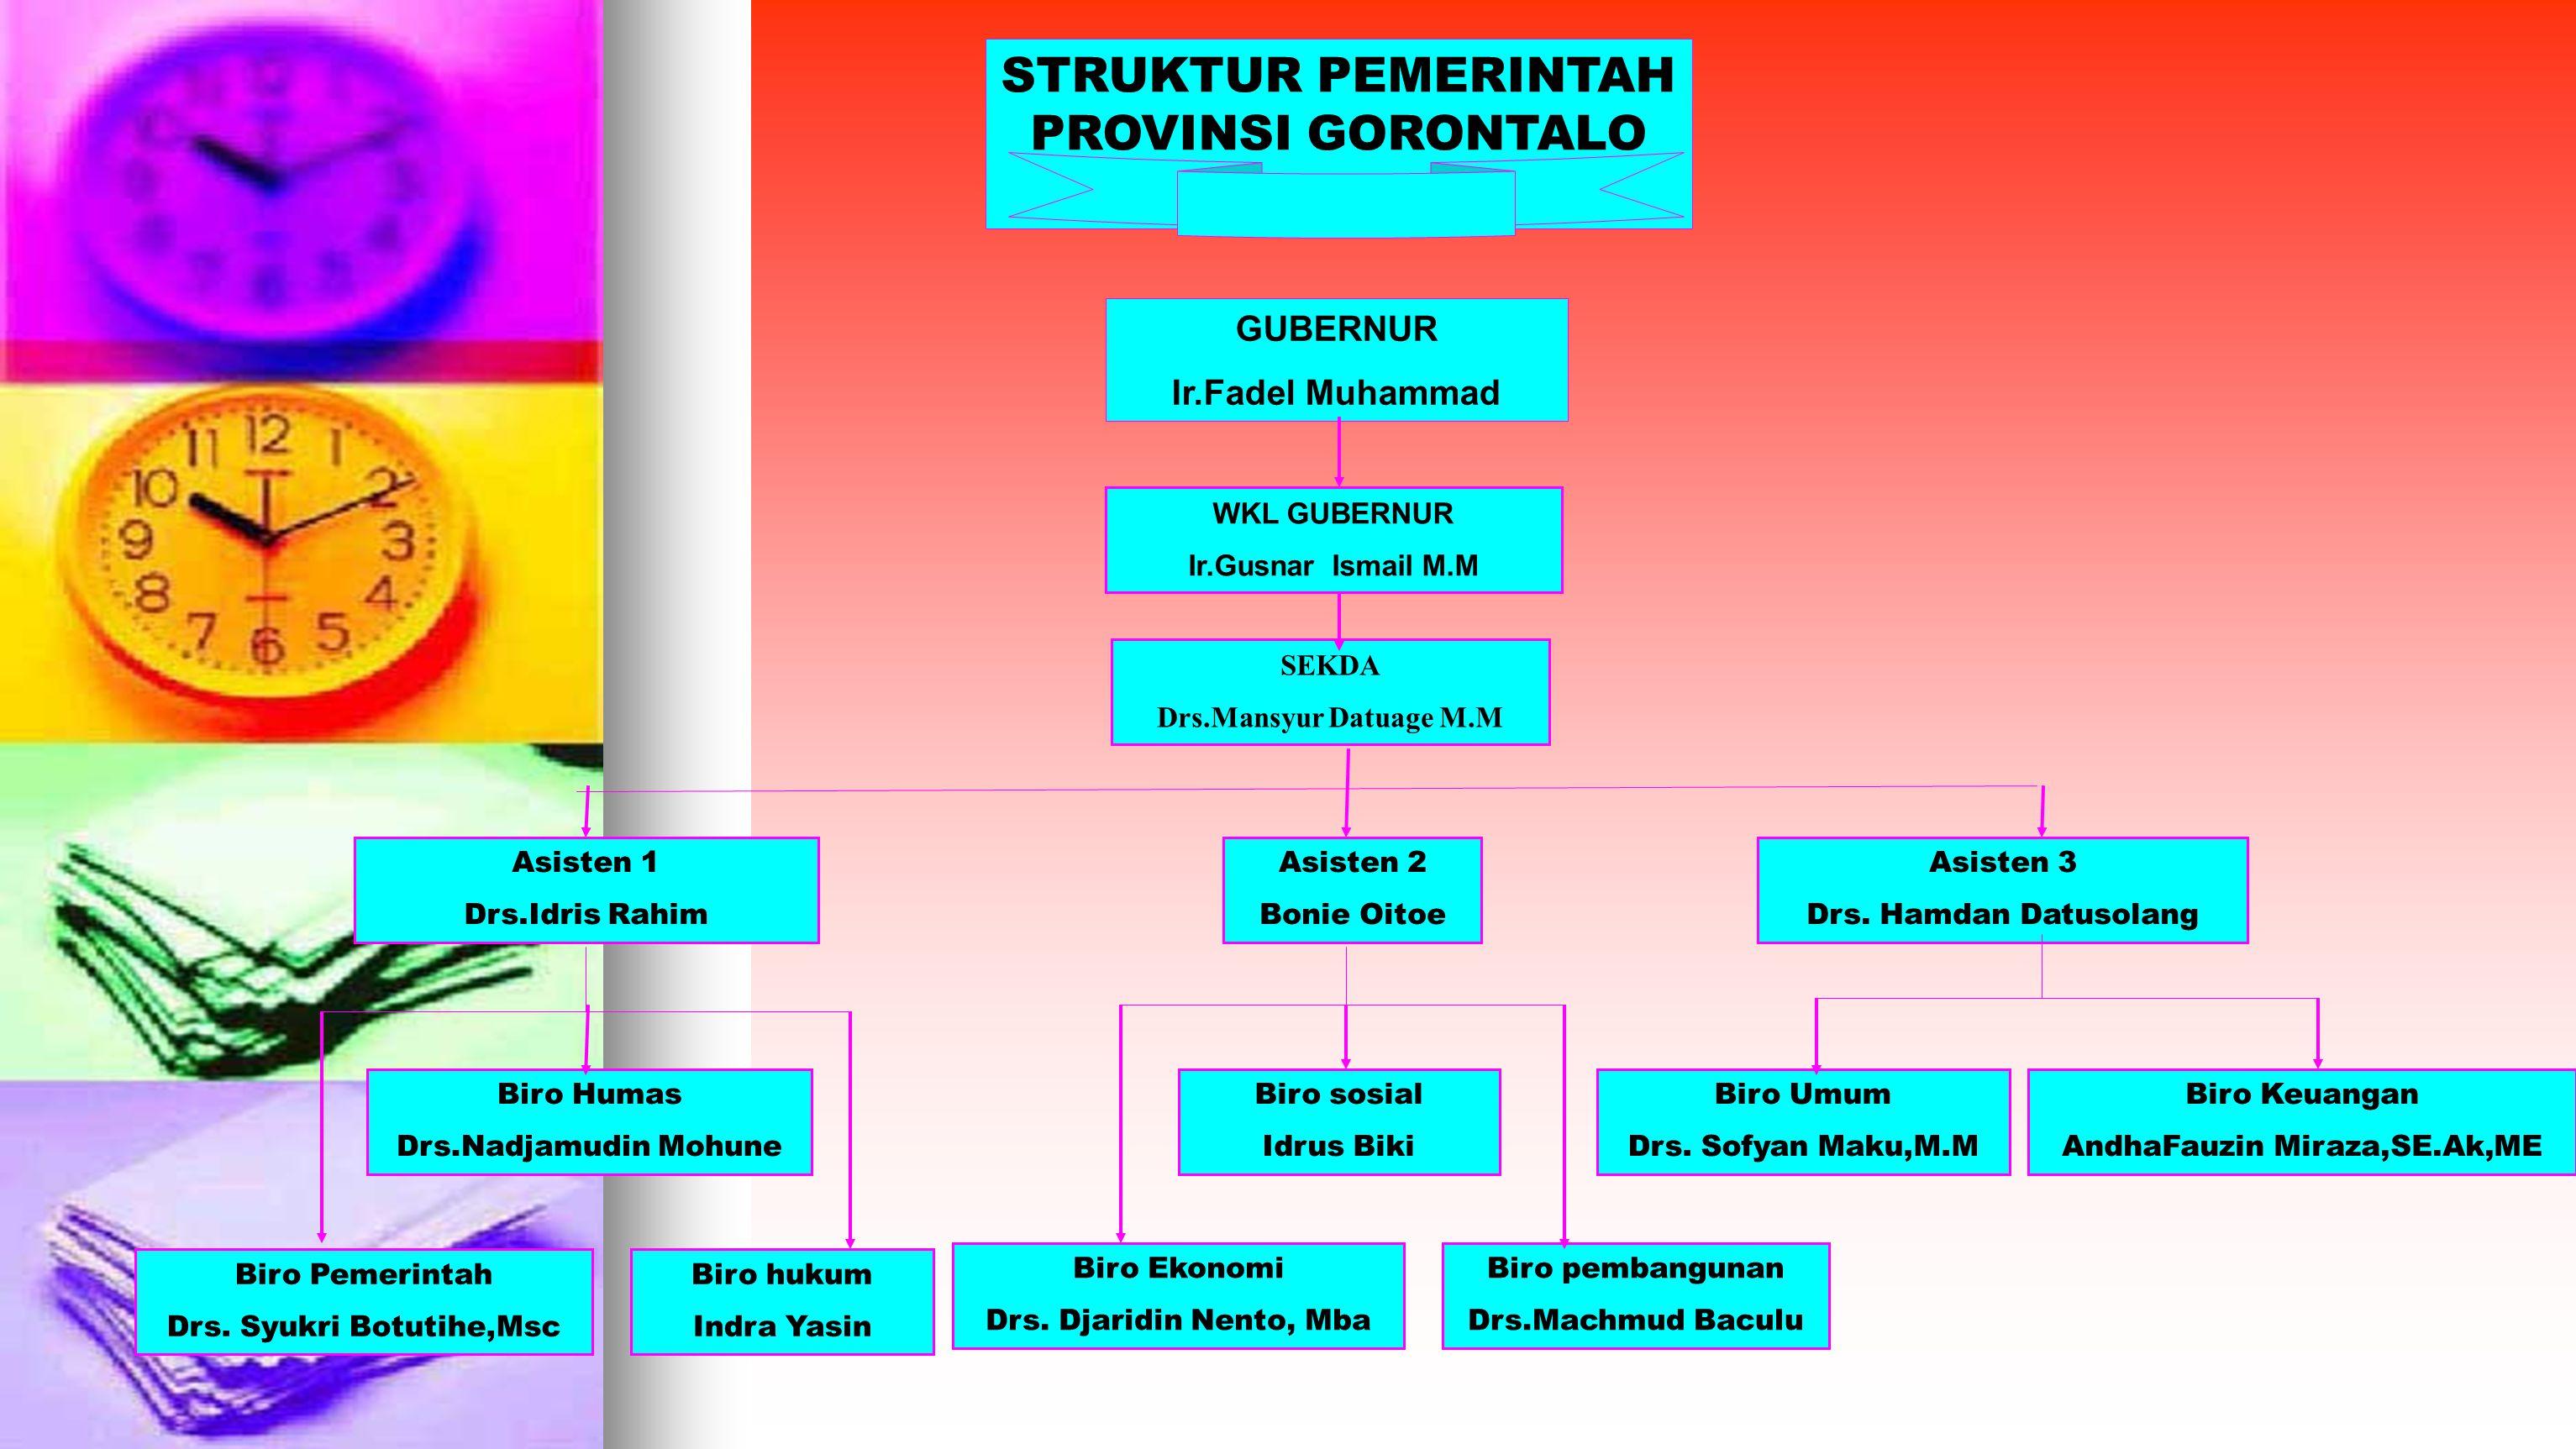 STRUKTUR PEMERINTAH PROVINSI GORONTALO